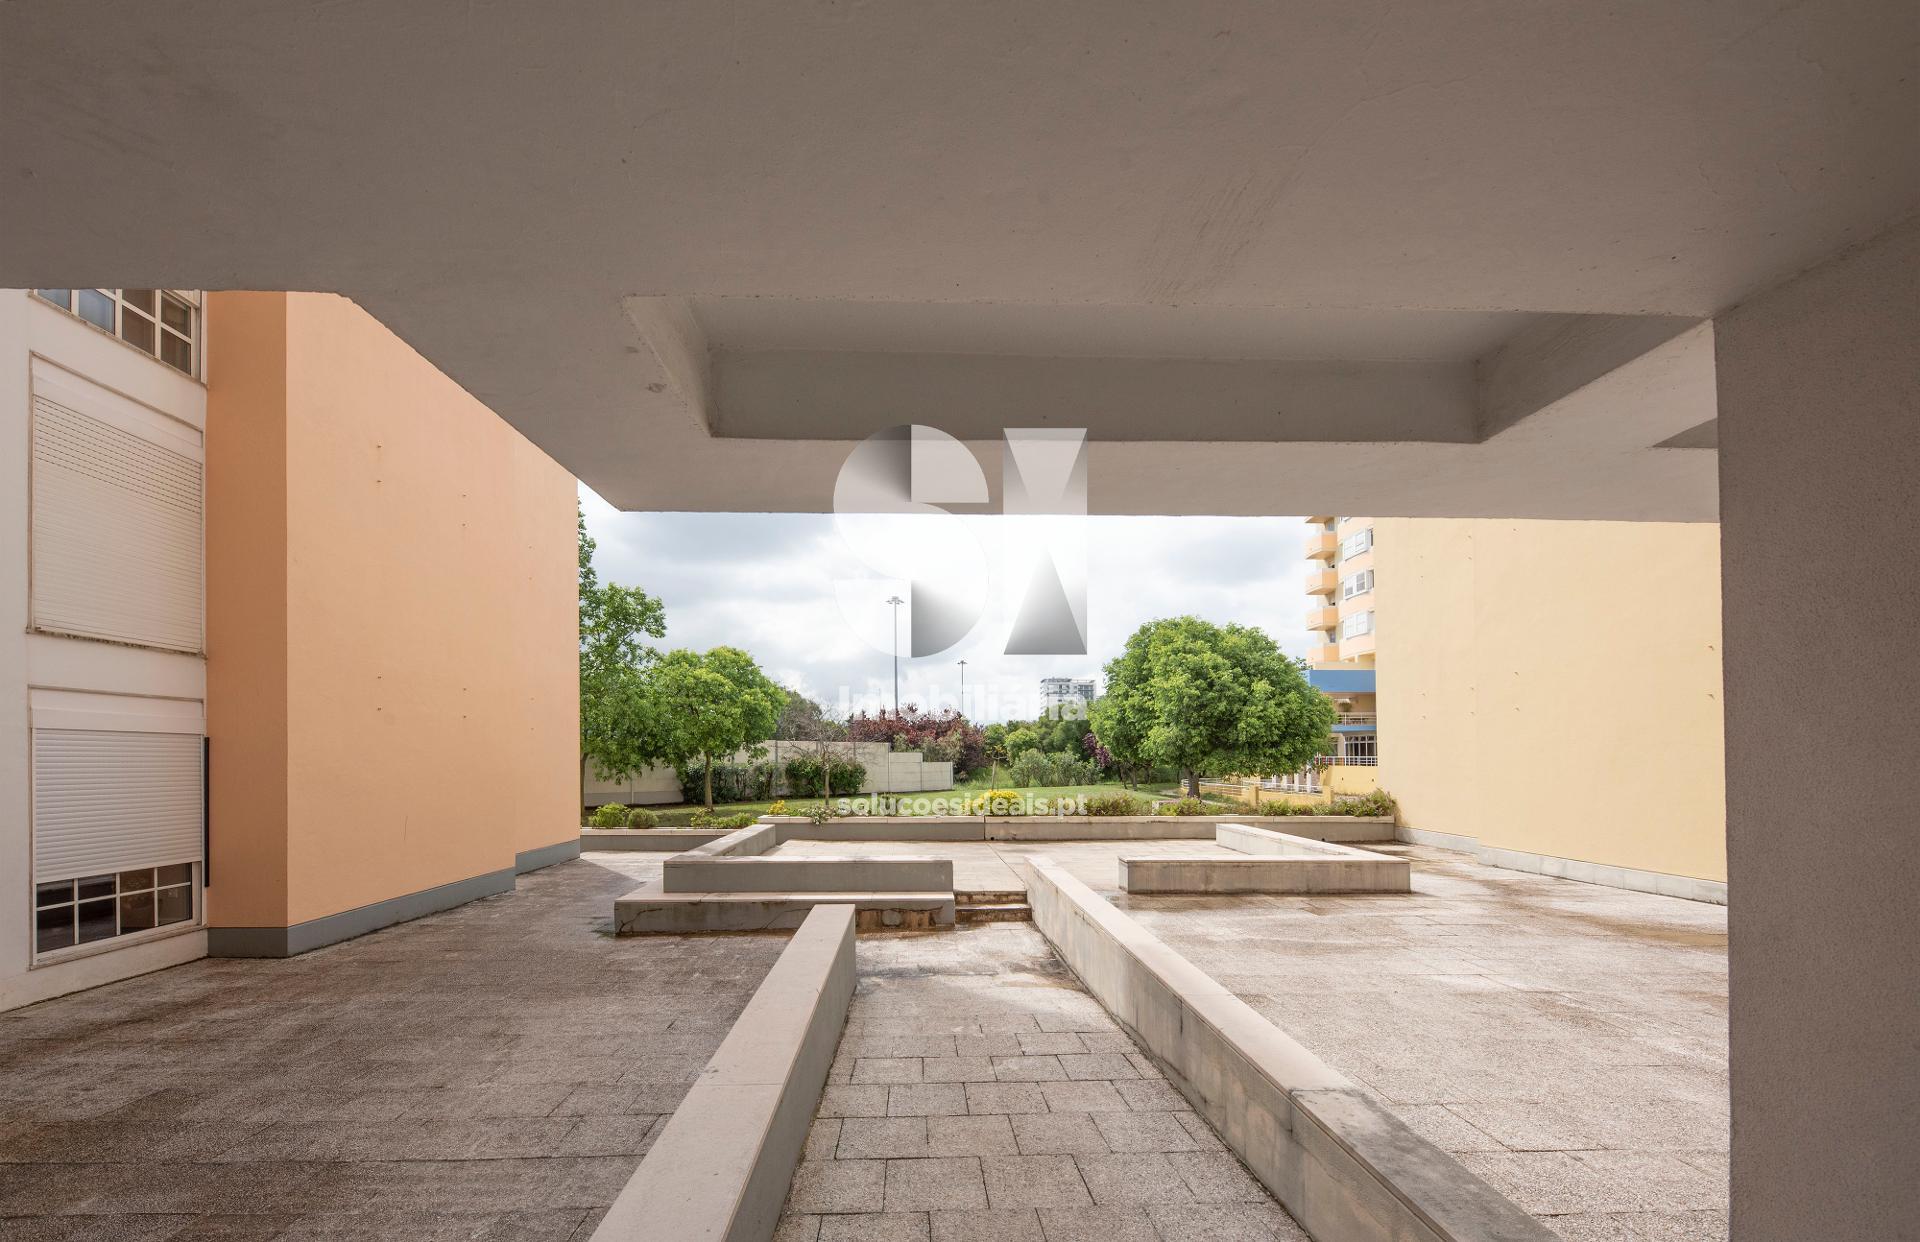 Vista exterior da entrada do prédio